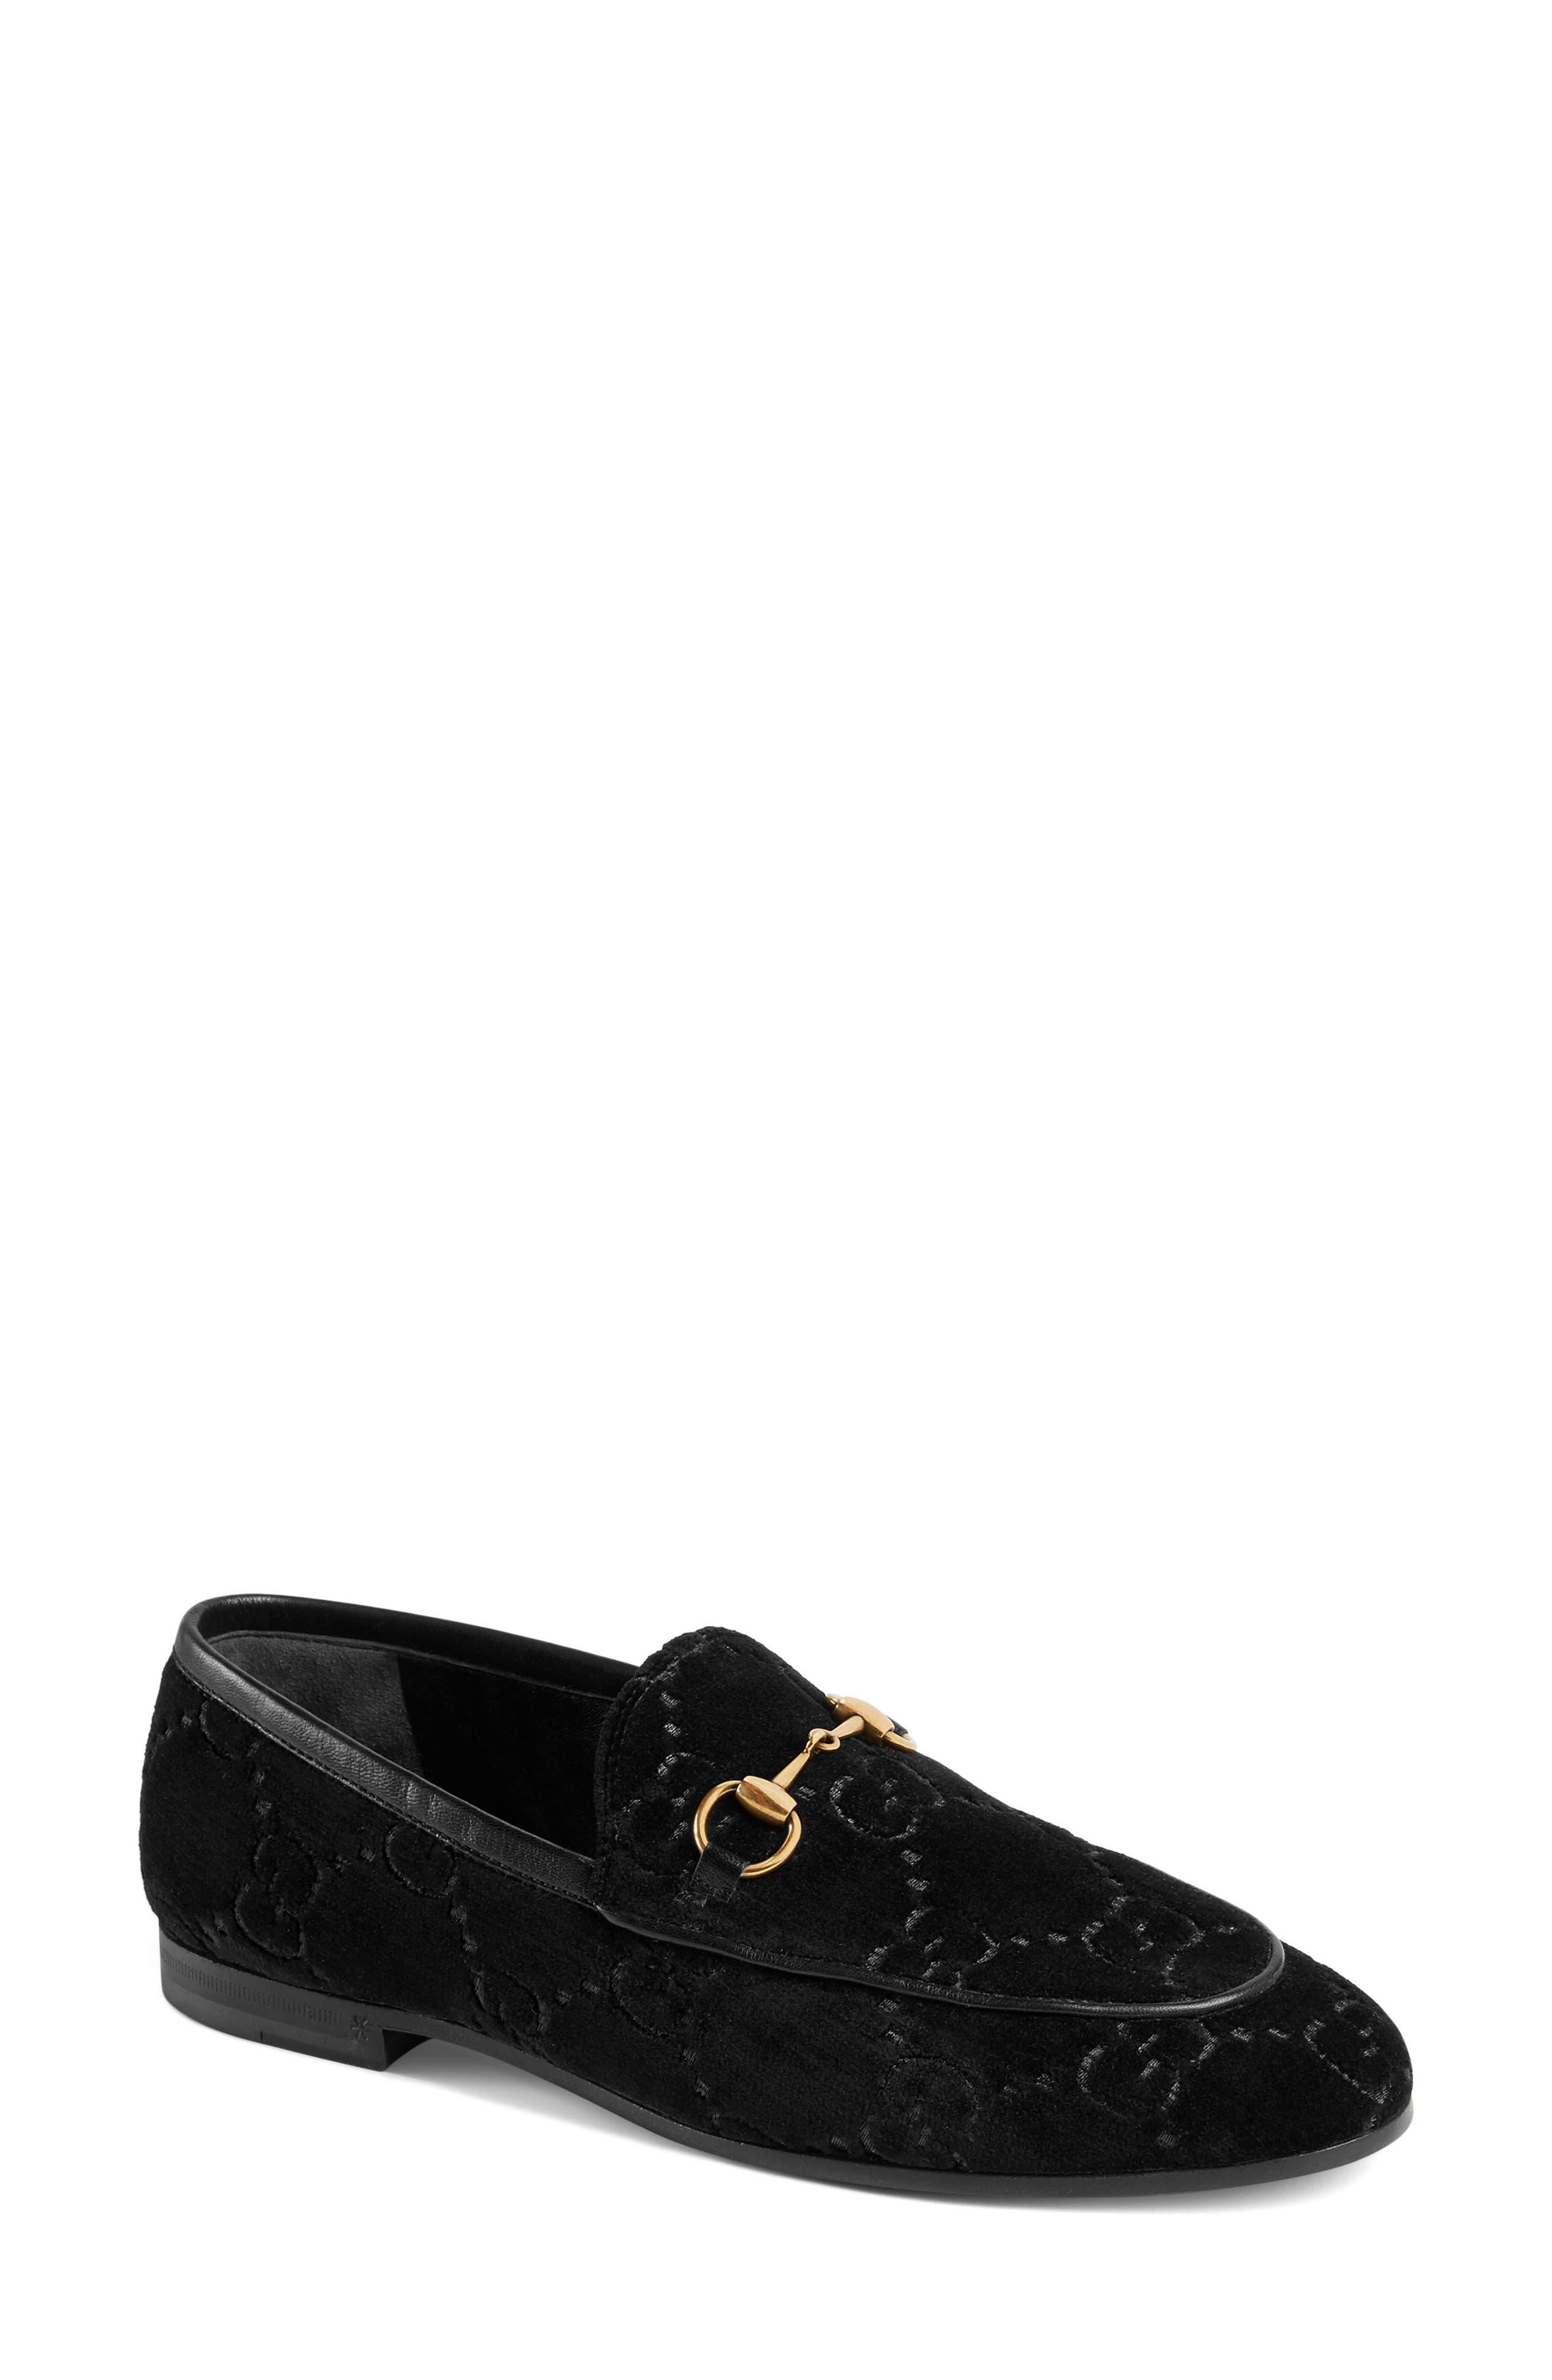 Gucci Jordaan Loafer, Black